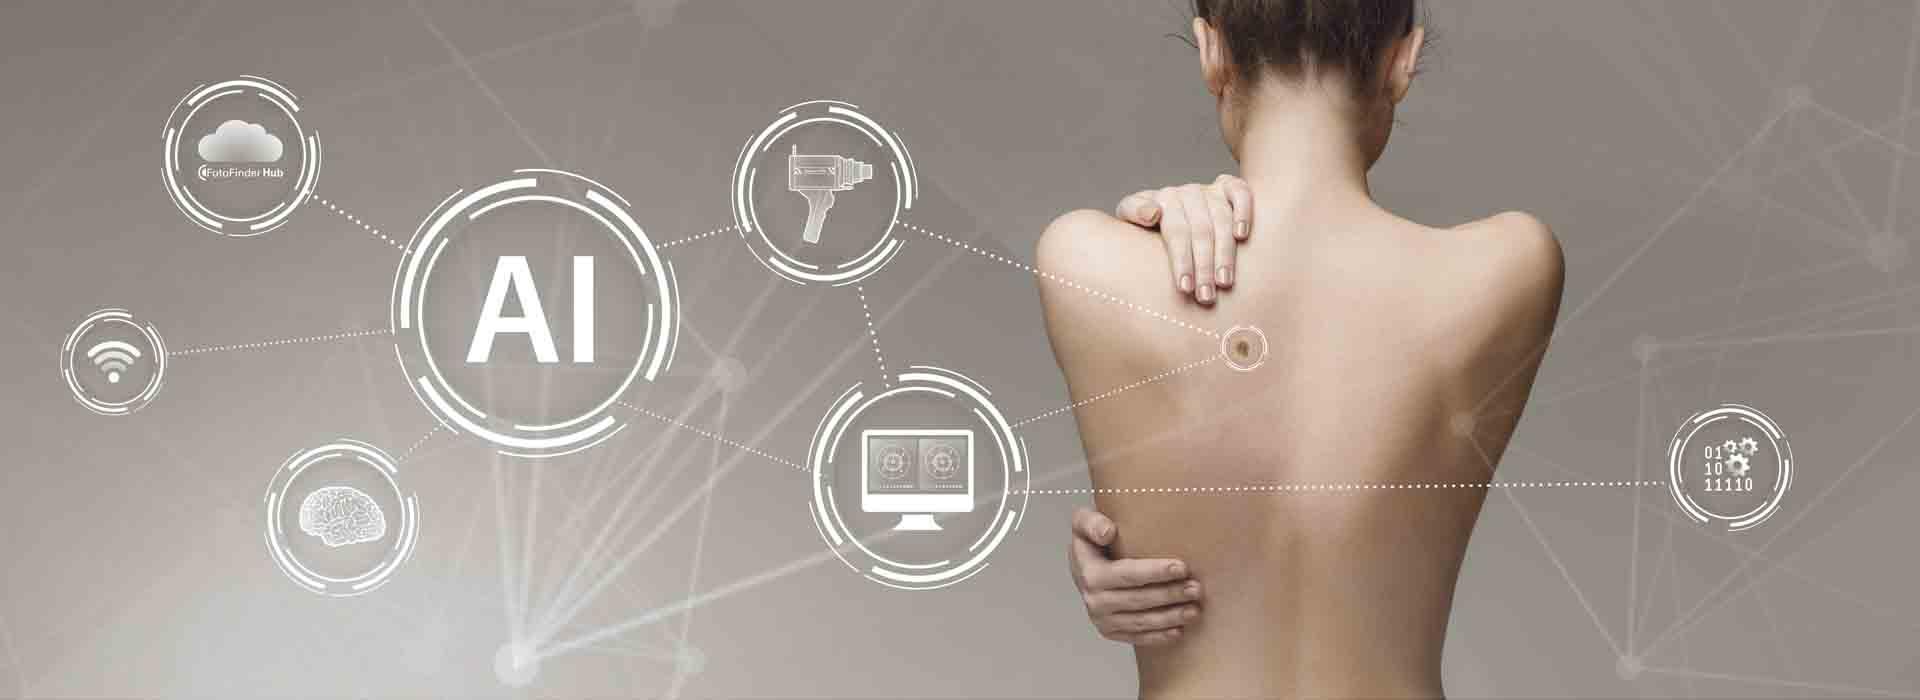 Купить аппараты для косметологии, эстетической медицины